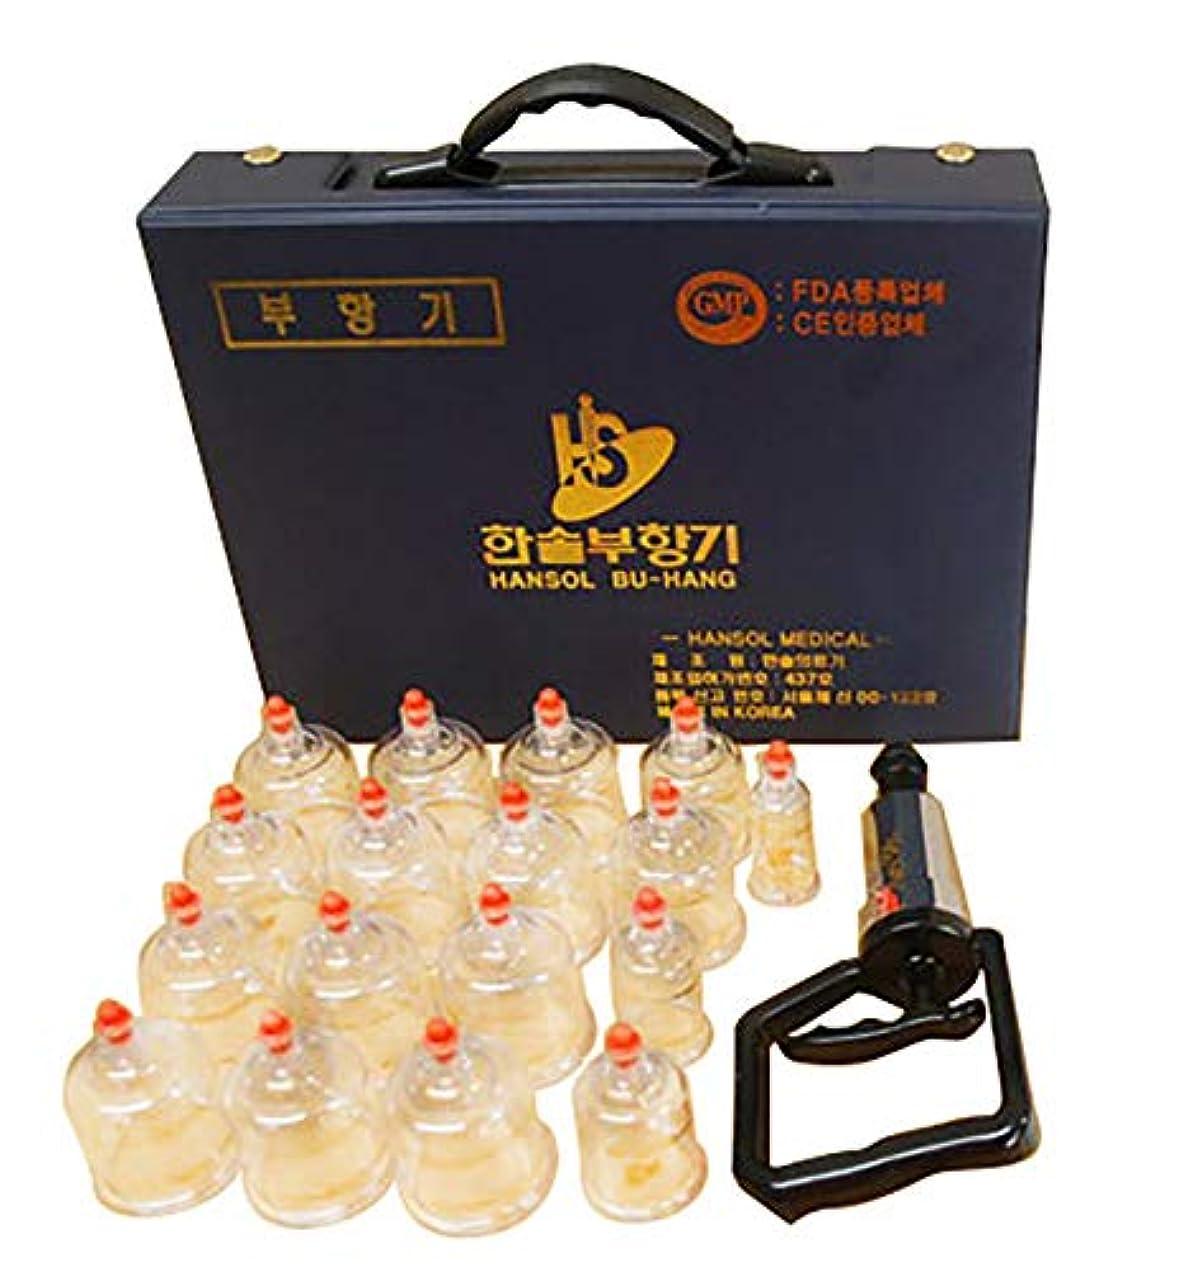 雨非行最終中国四千年の健康法「吸玉」がご家庭で手軽にできる!ハンソルメディカル ブハン カッピングカップ17個セット